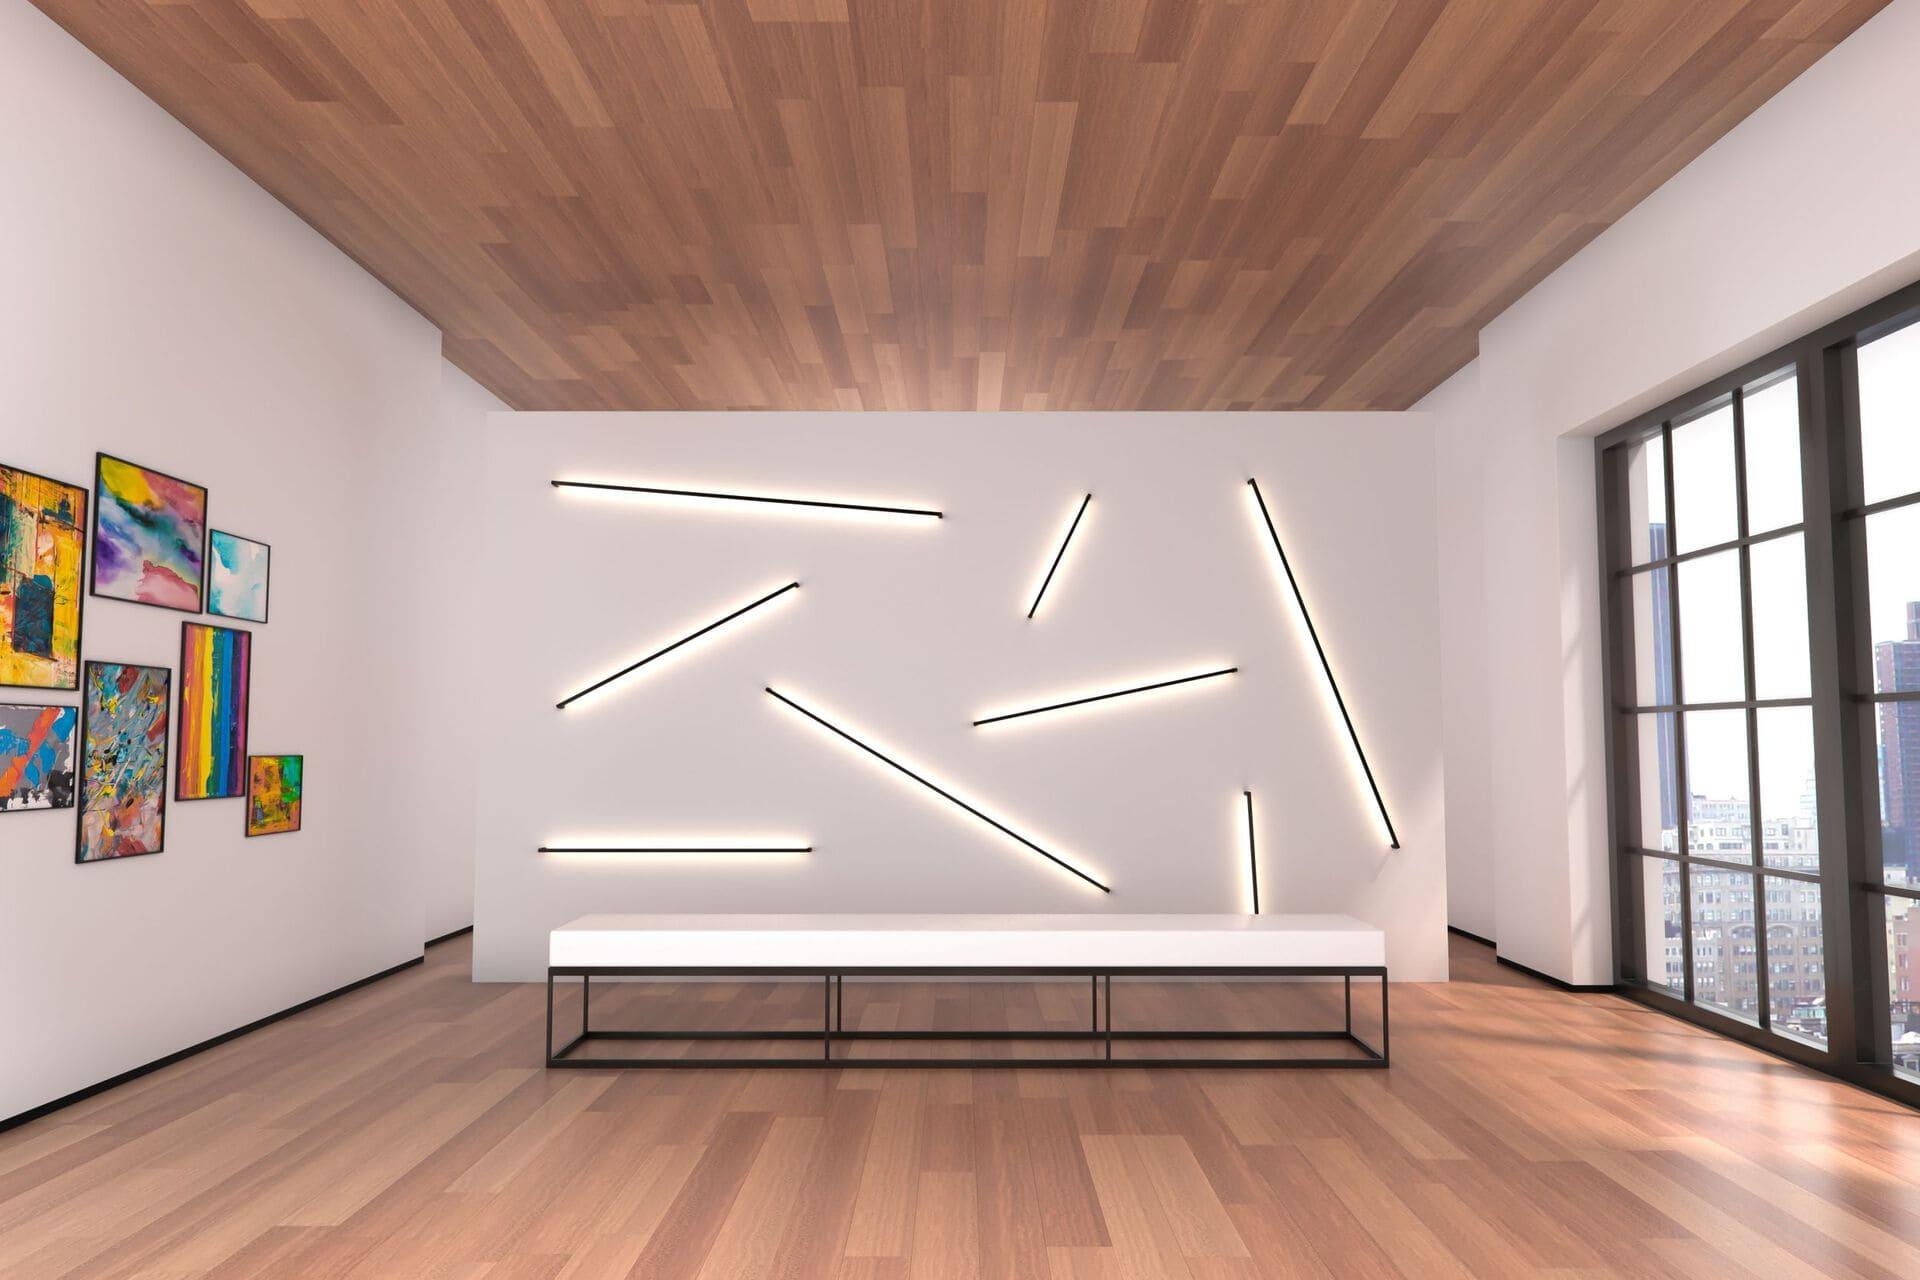 moyjo gallery render resized for website